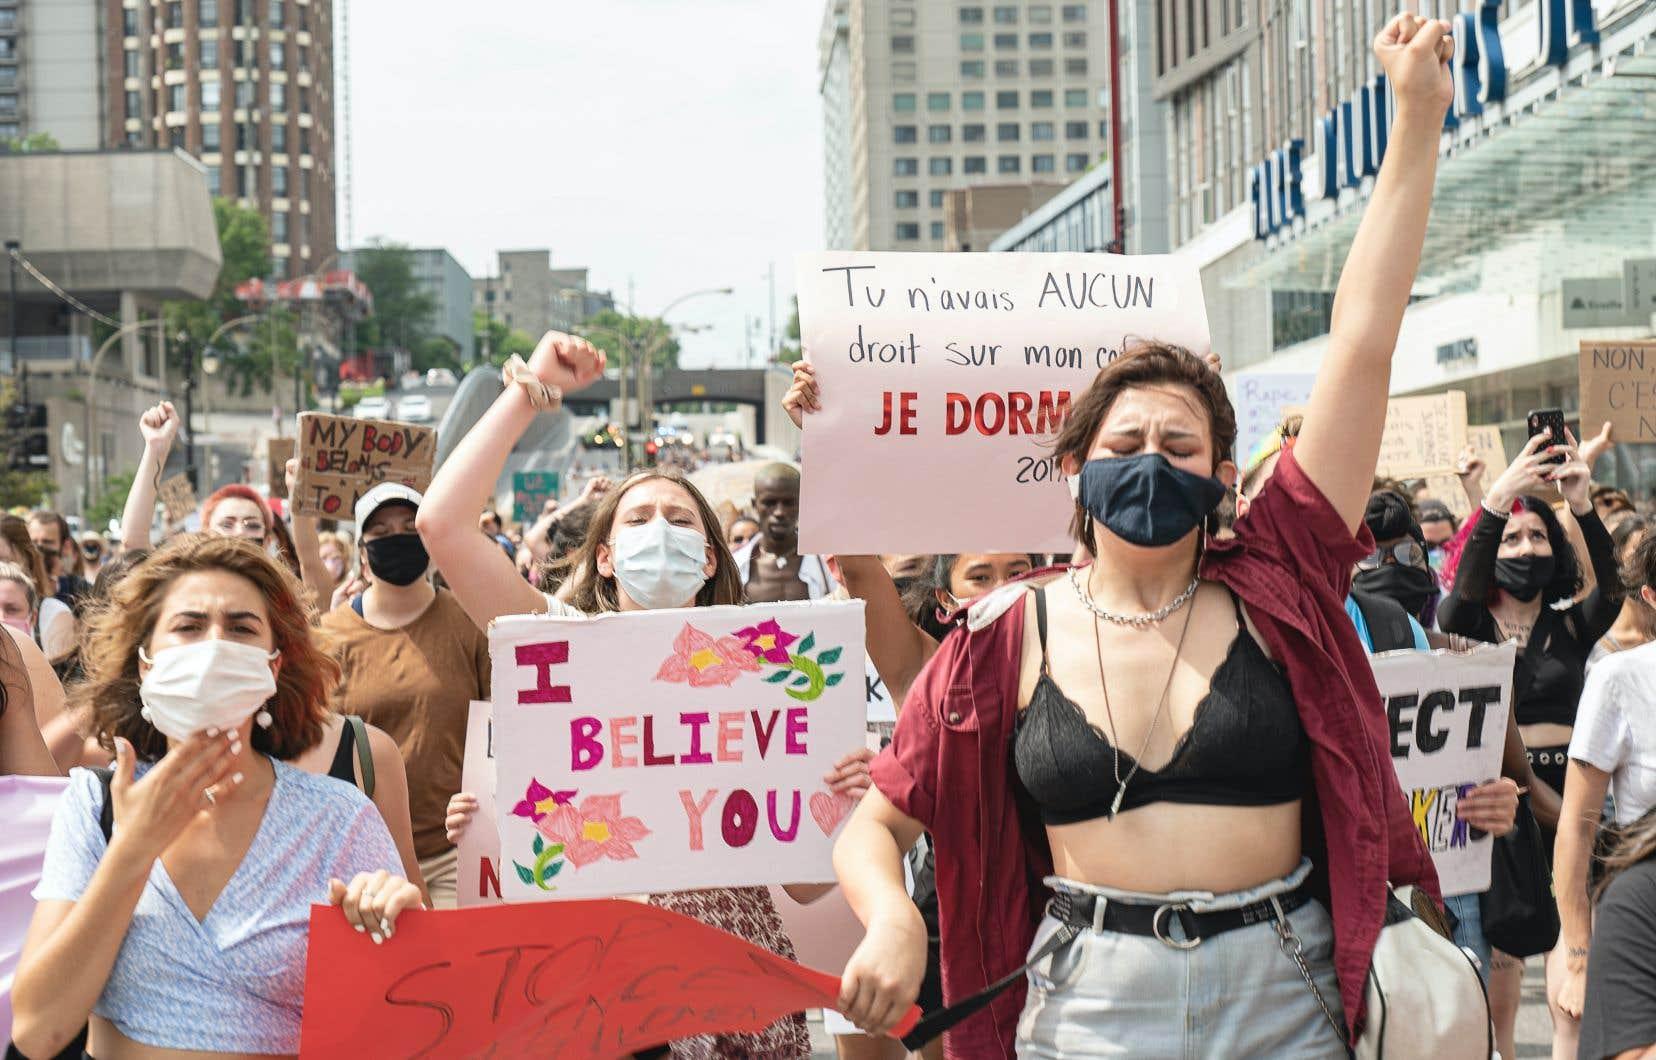 Plusieurs centaines de manifestants se sont rassemblés dans le centre-ville de Montréal, le 19 juillet 2020, pour dénoncer les violences sexuelles.